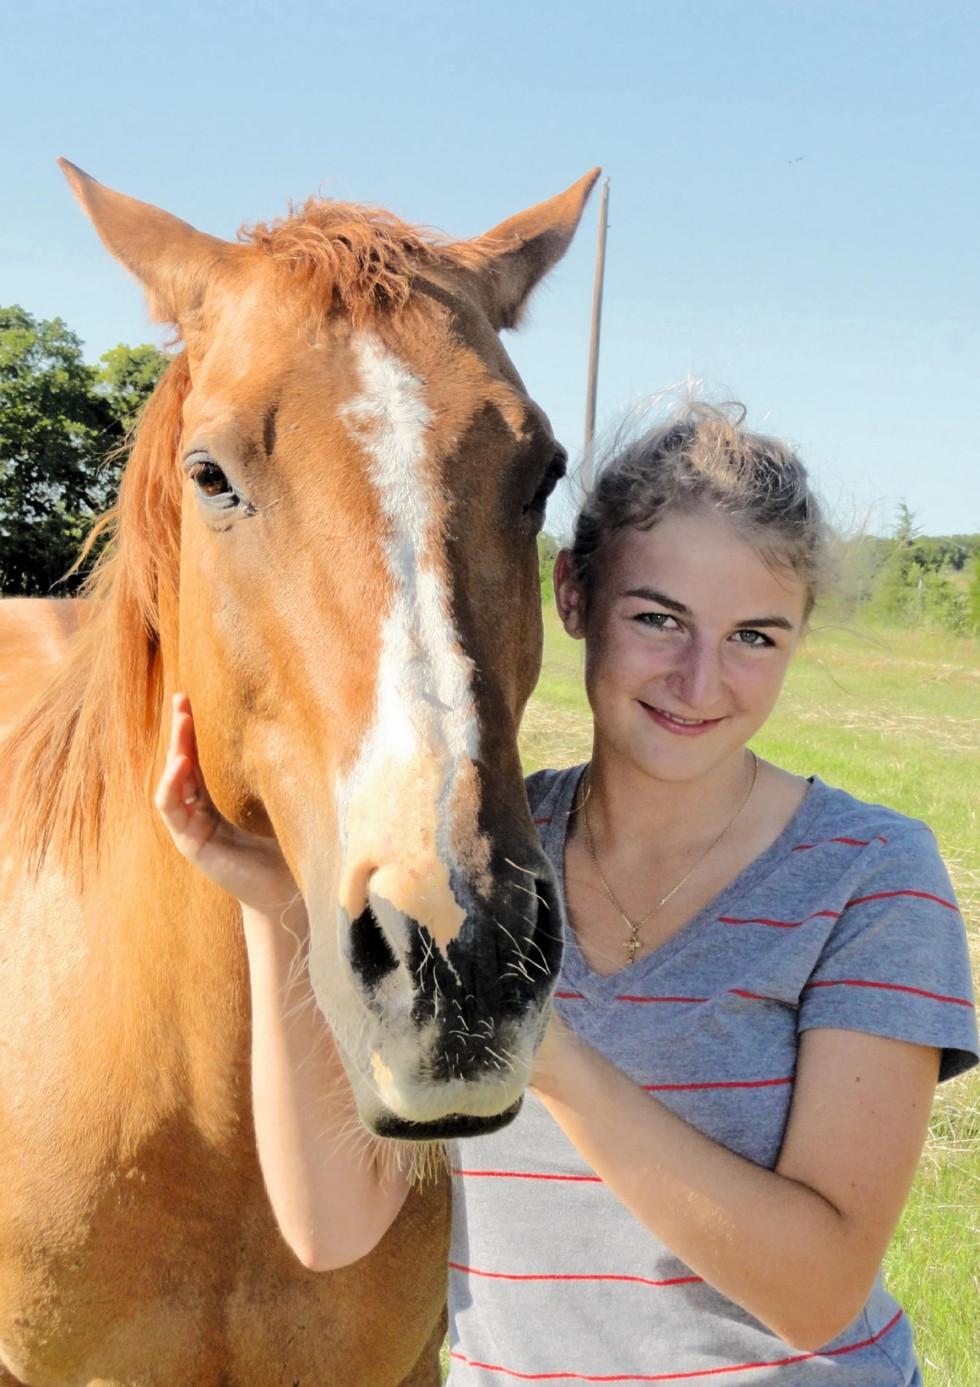 chica rubia con caballo_edited.jpg